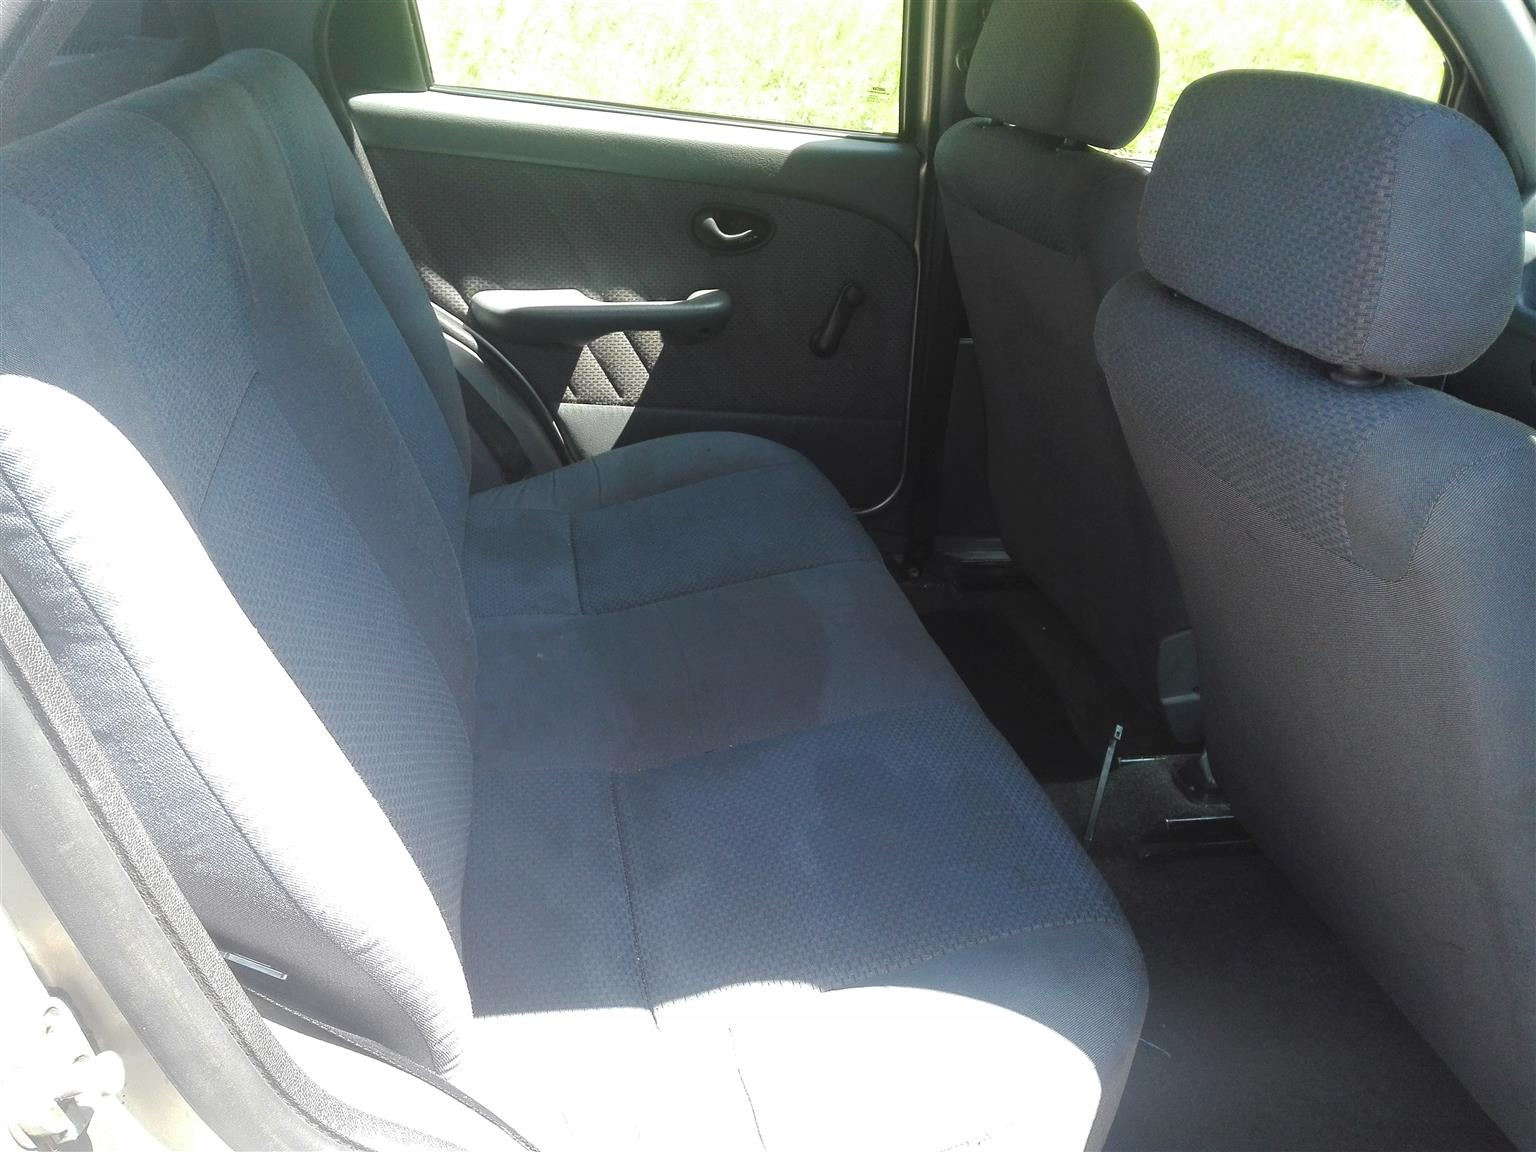 2007 Fiat Palio 1.6 ELX 5 door